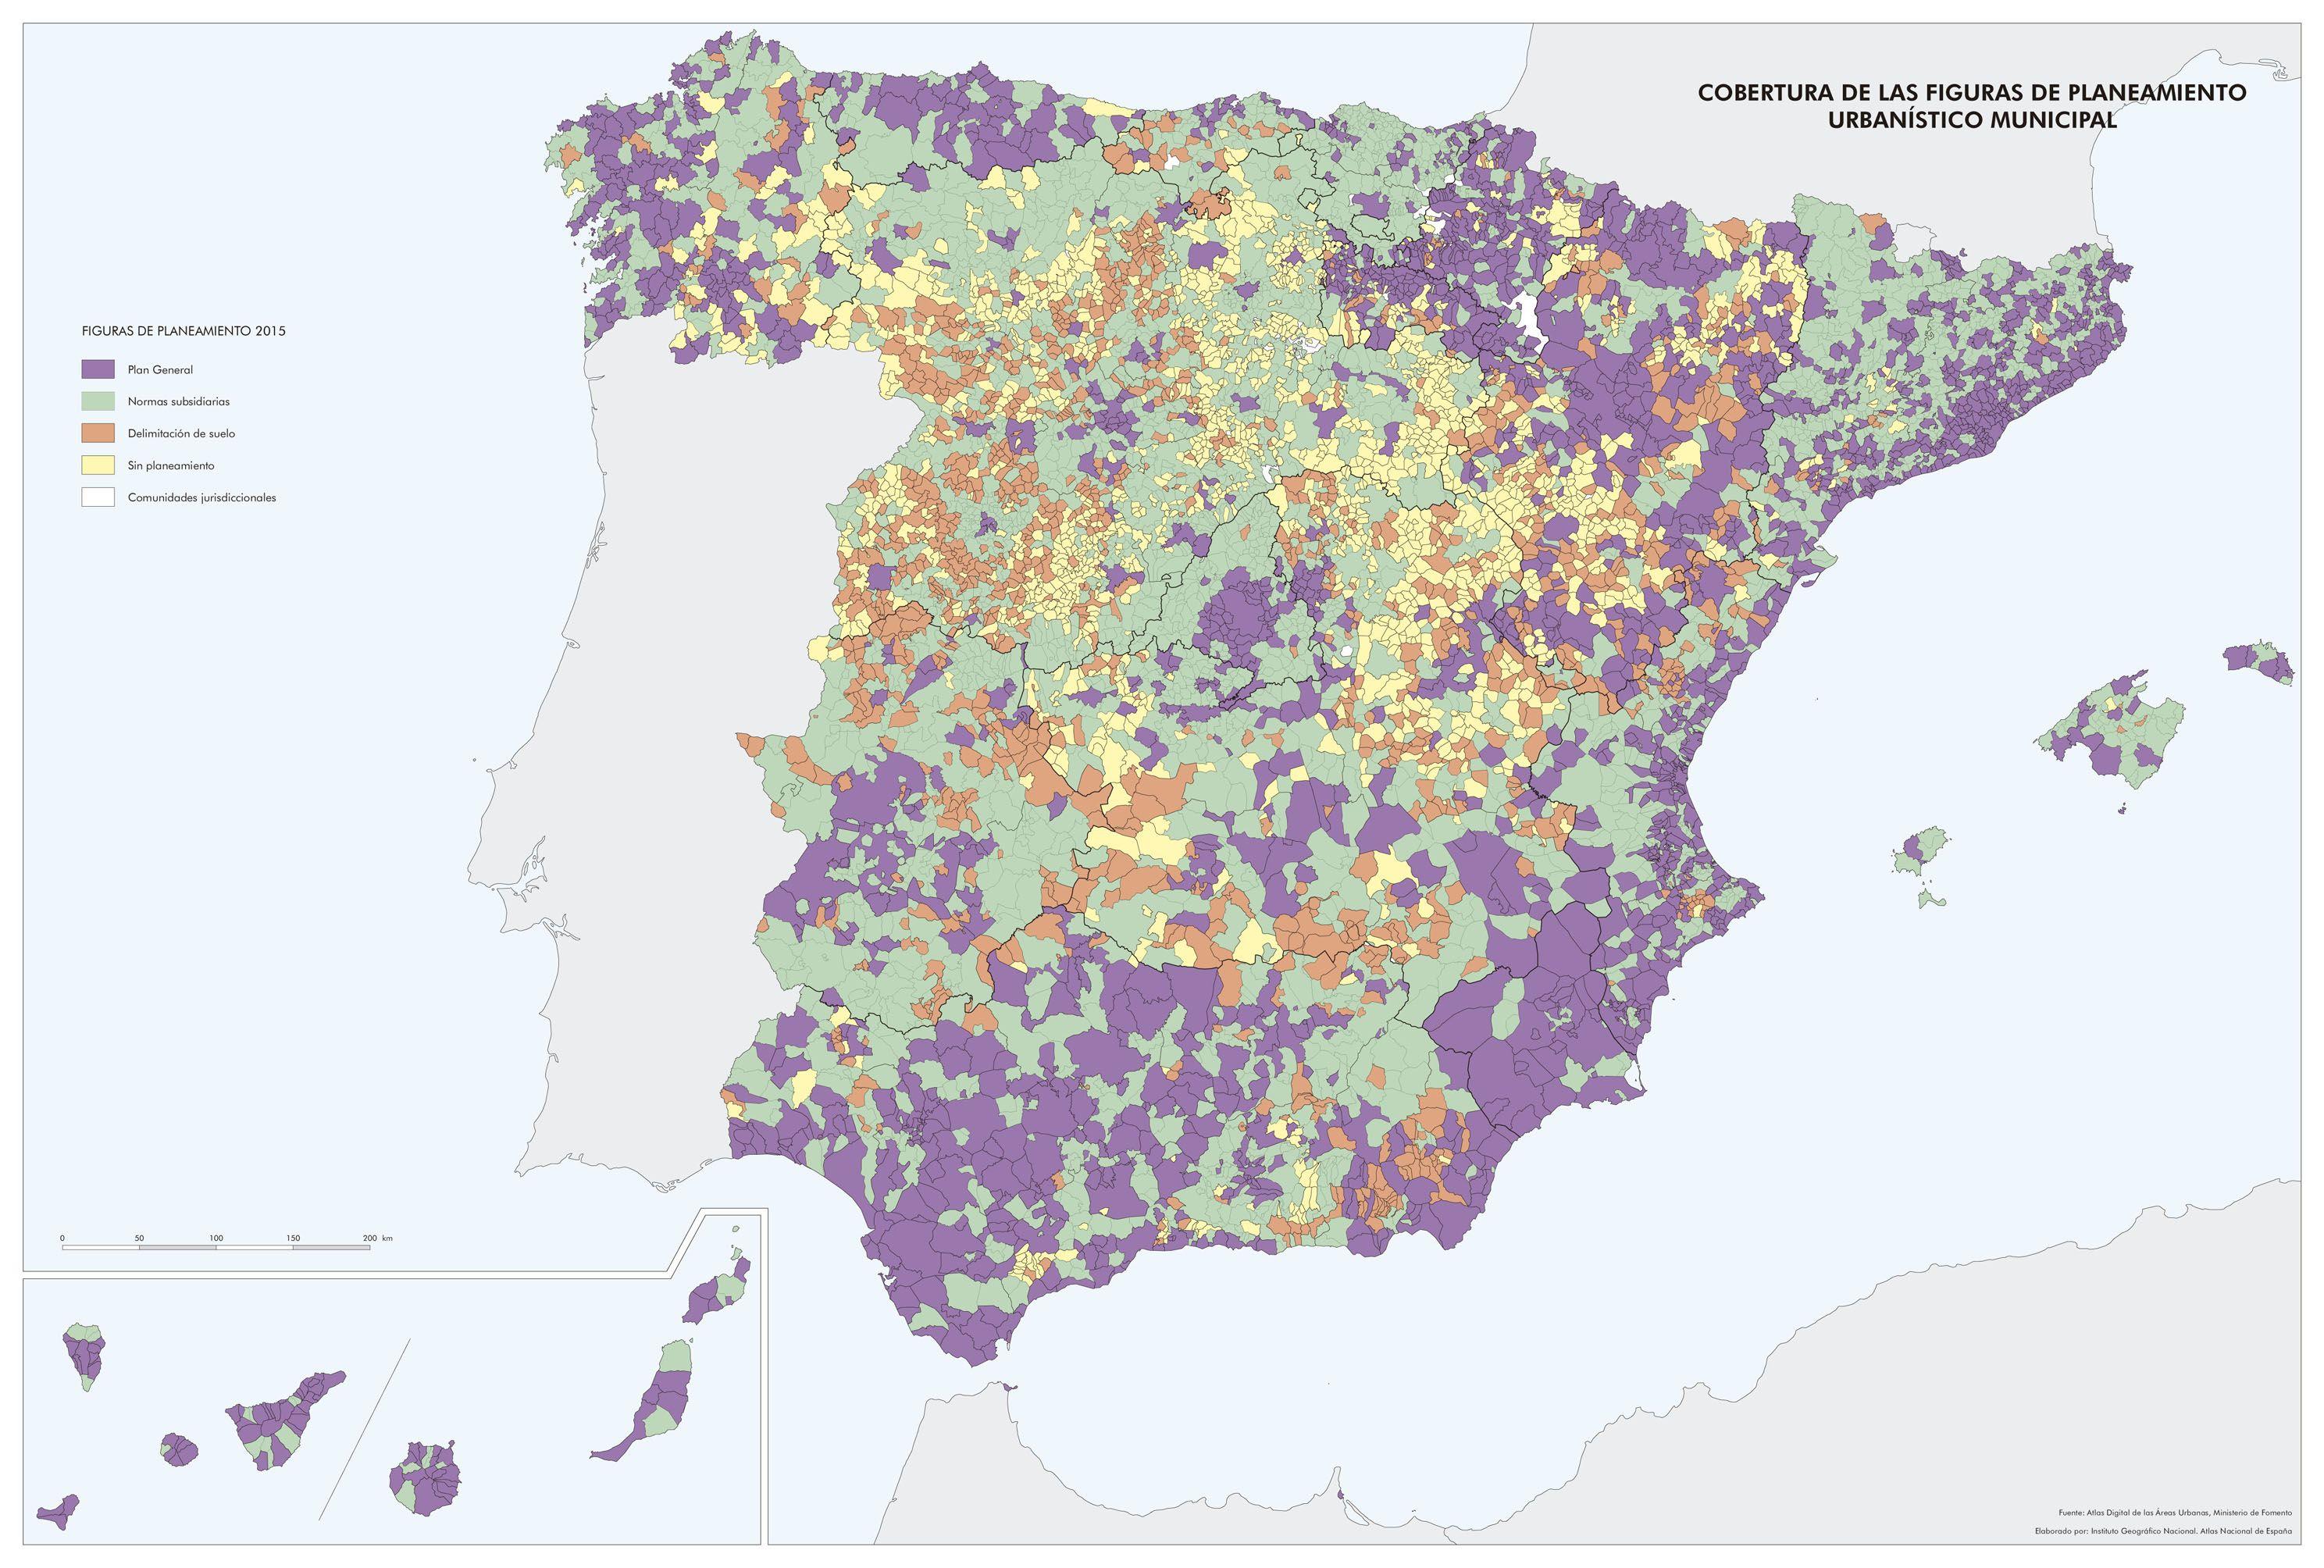 Mapa De Cobertura De Las Figuras De Planeamiento Urbanístico Municipal 2015 España Mapas Geografía Humana Geografia E Historia